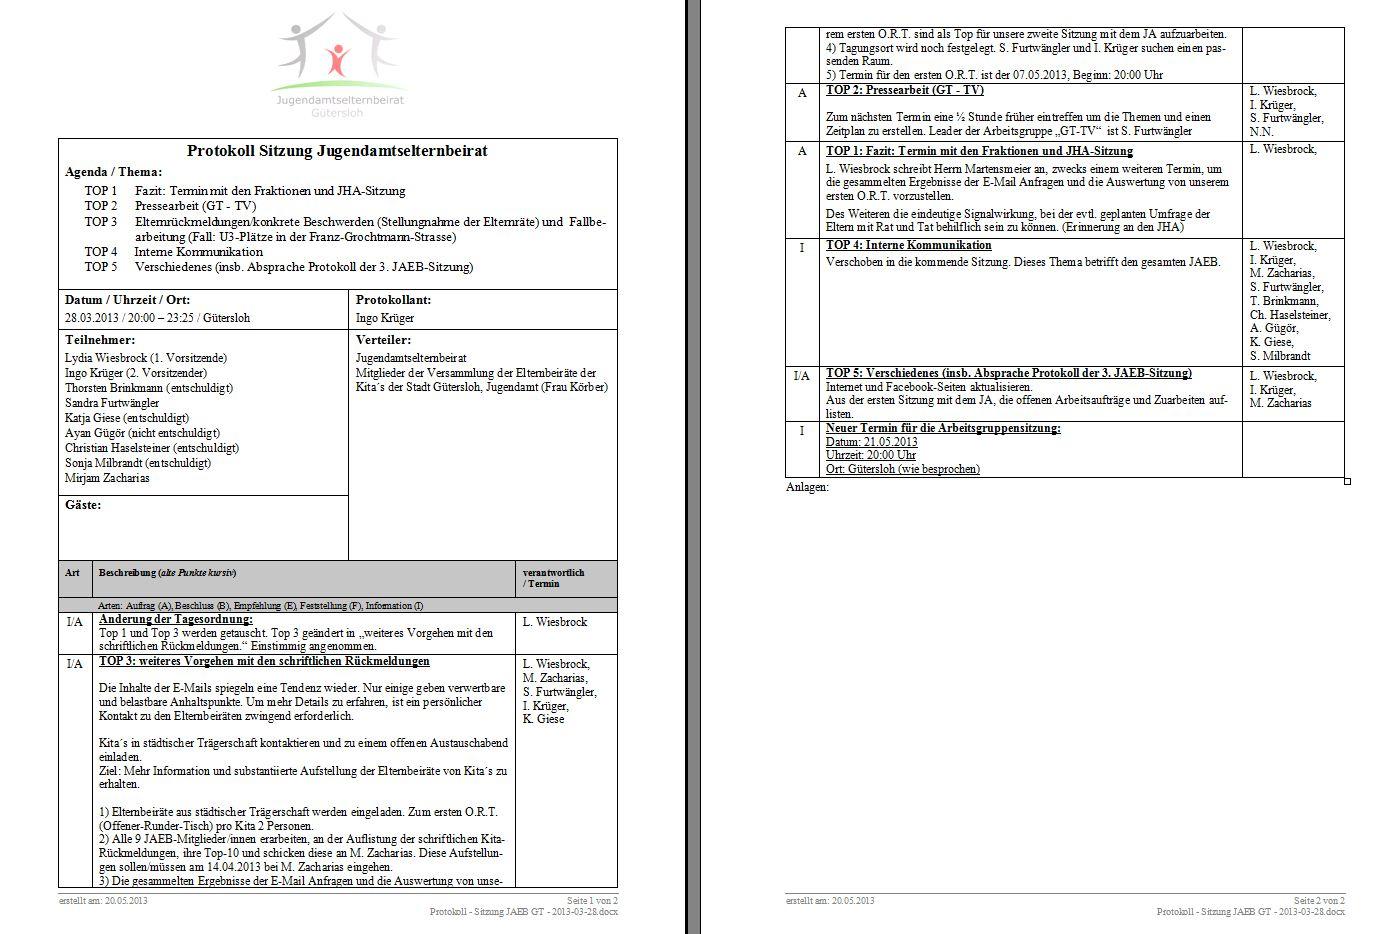 Protokoll vom 28.03.2013